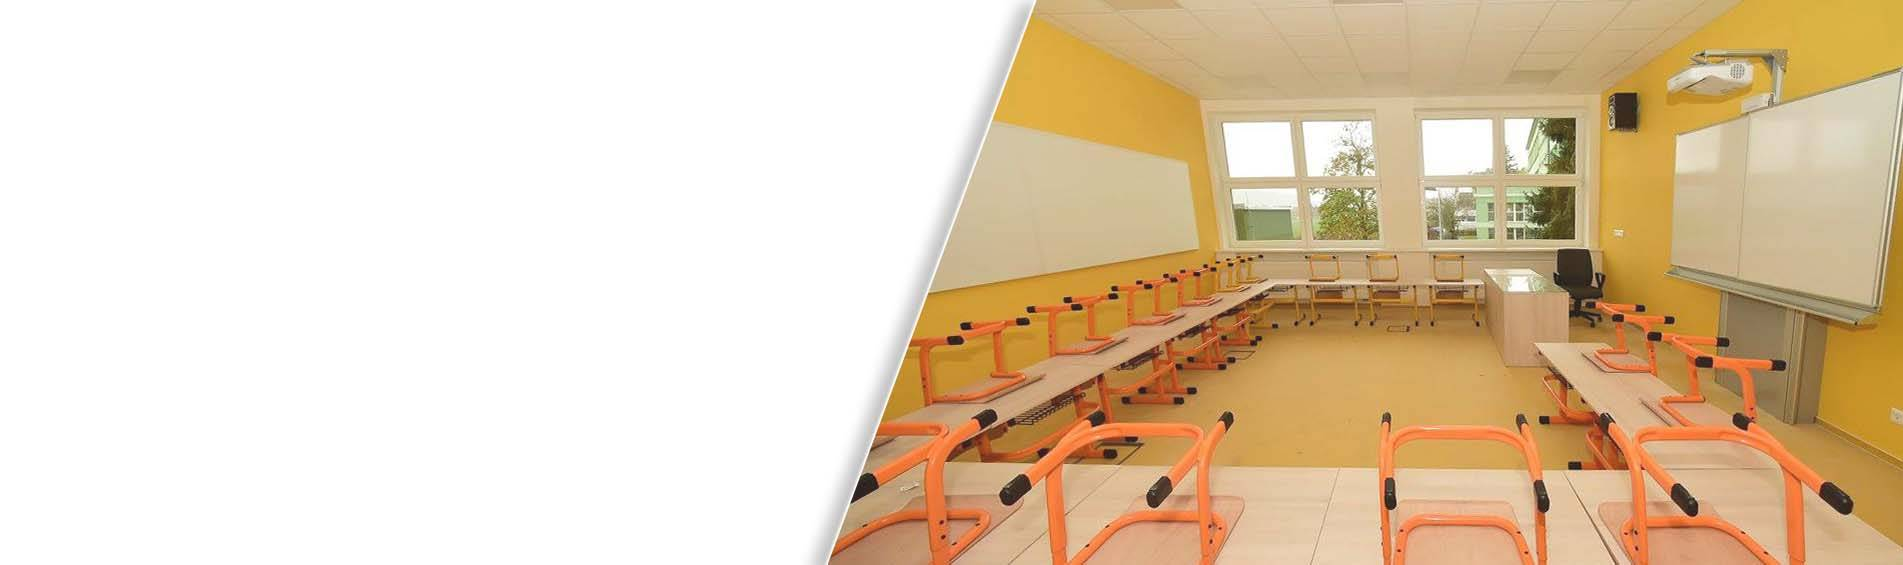 Vybavení základních škol